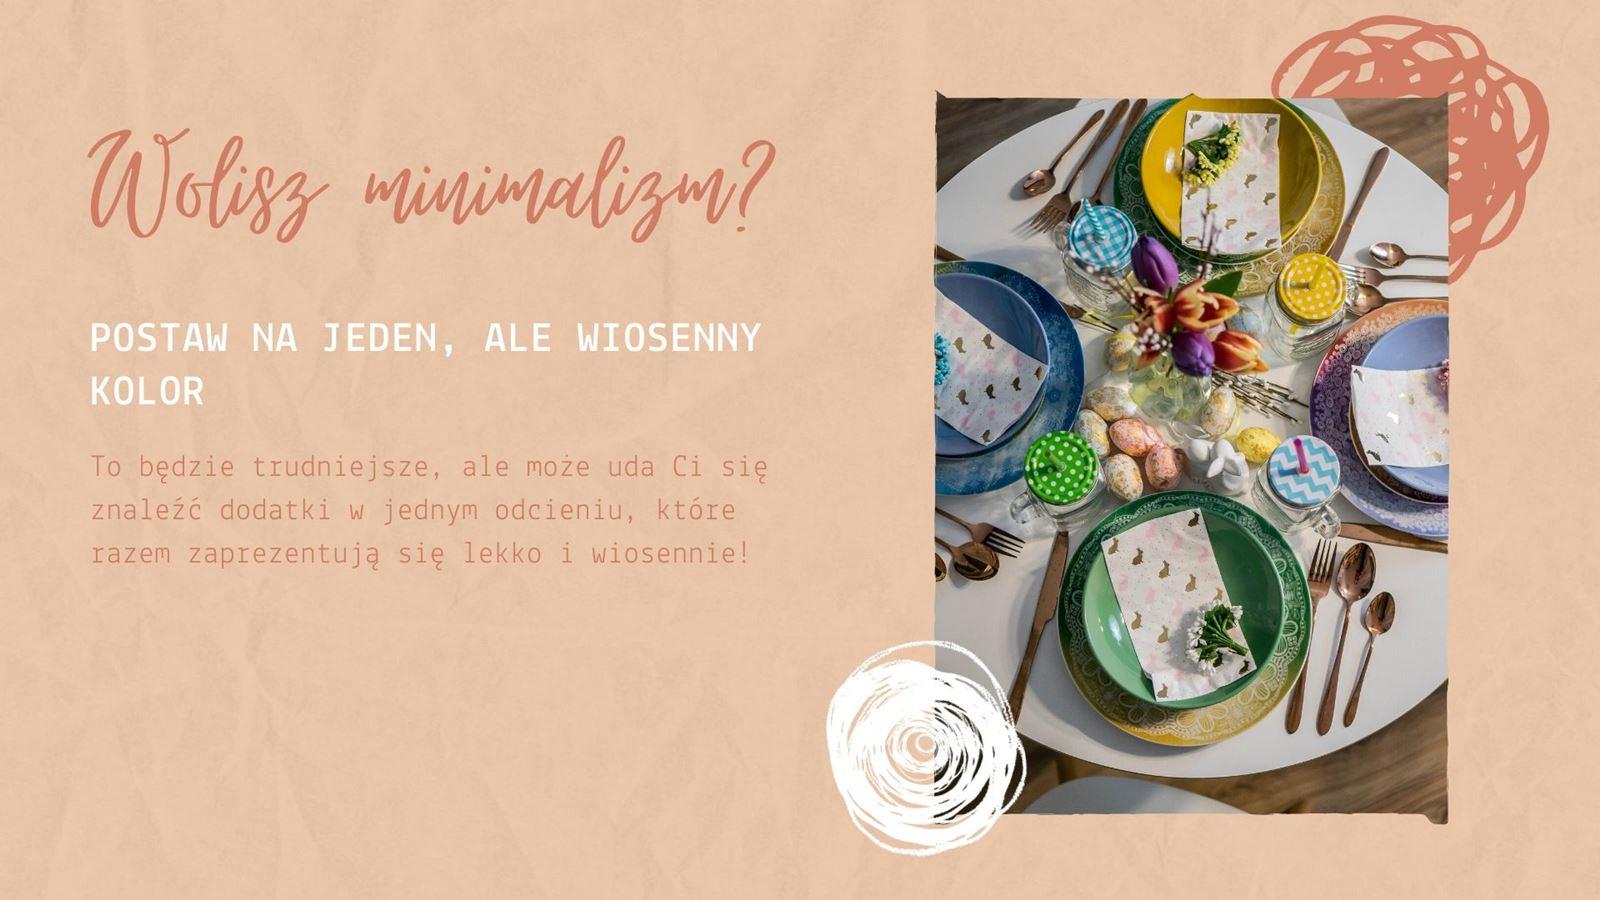 13 kolorowe wiosenne talerze pomysły na kolorowe dodatki pastelowe talerze słoiki miski szklanki kubki do kuchni dla dzieci dla dziewczyny prezent na wiosnę wielkanoc zajączek